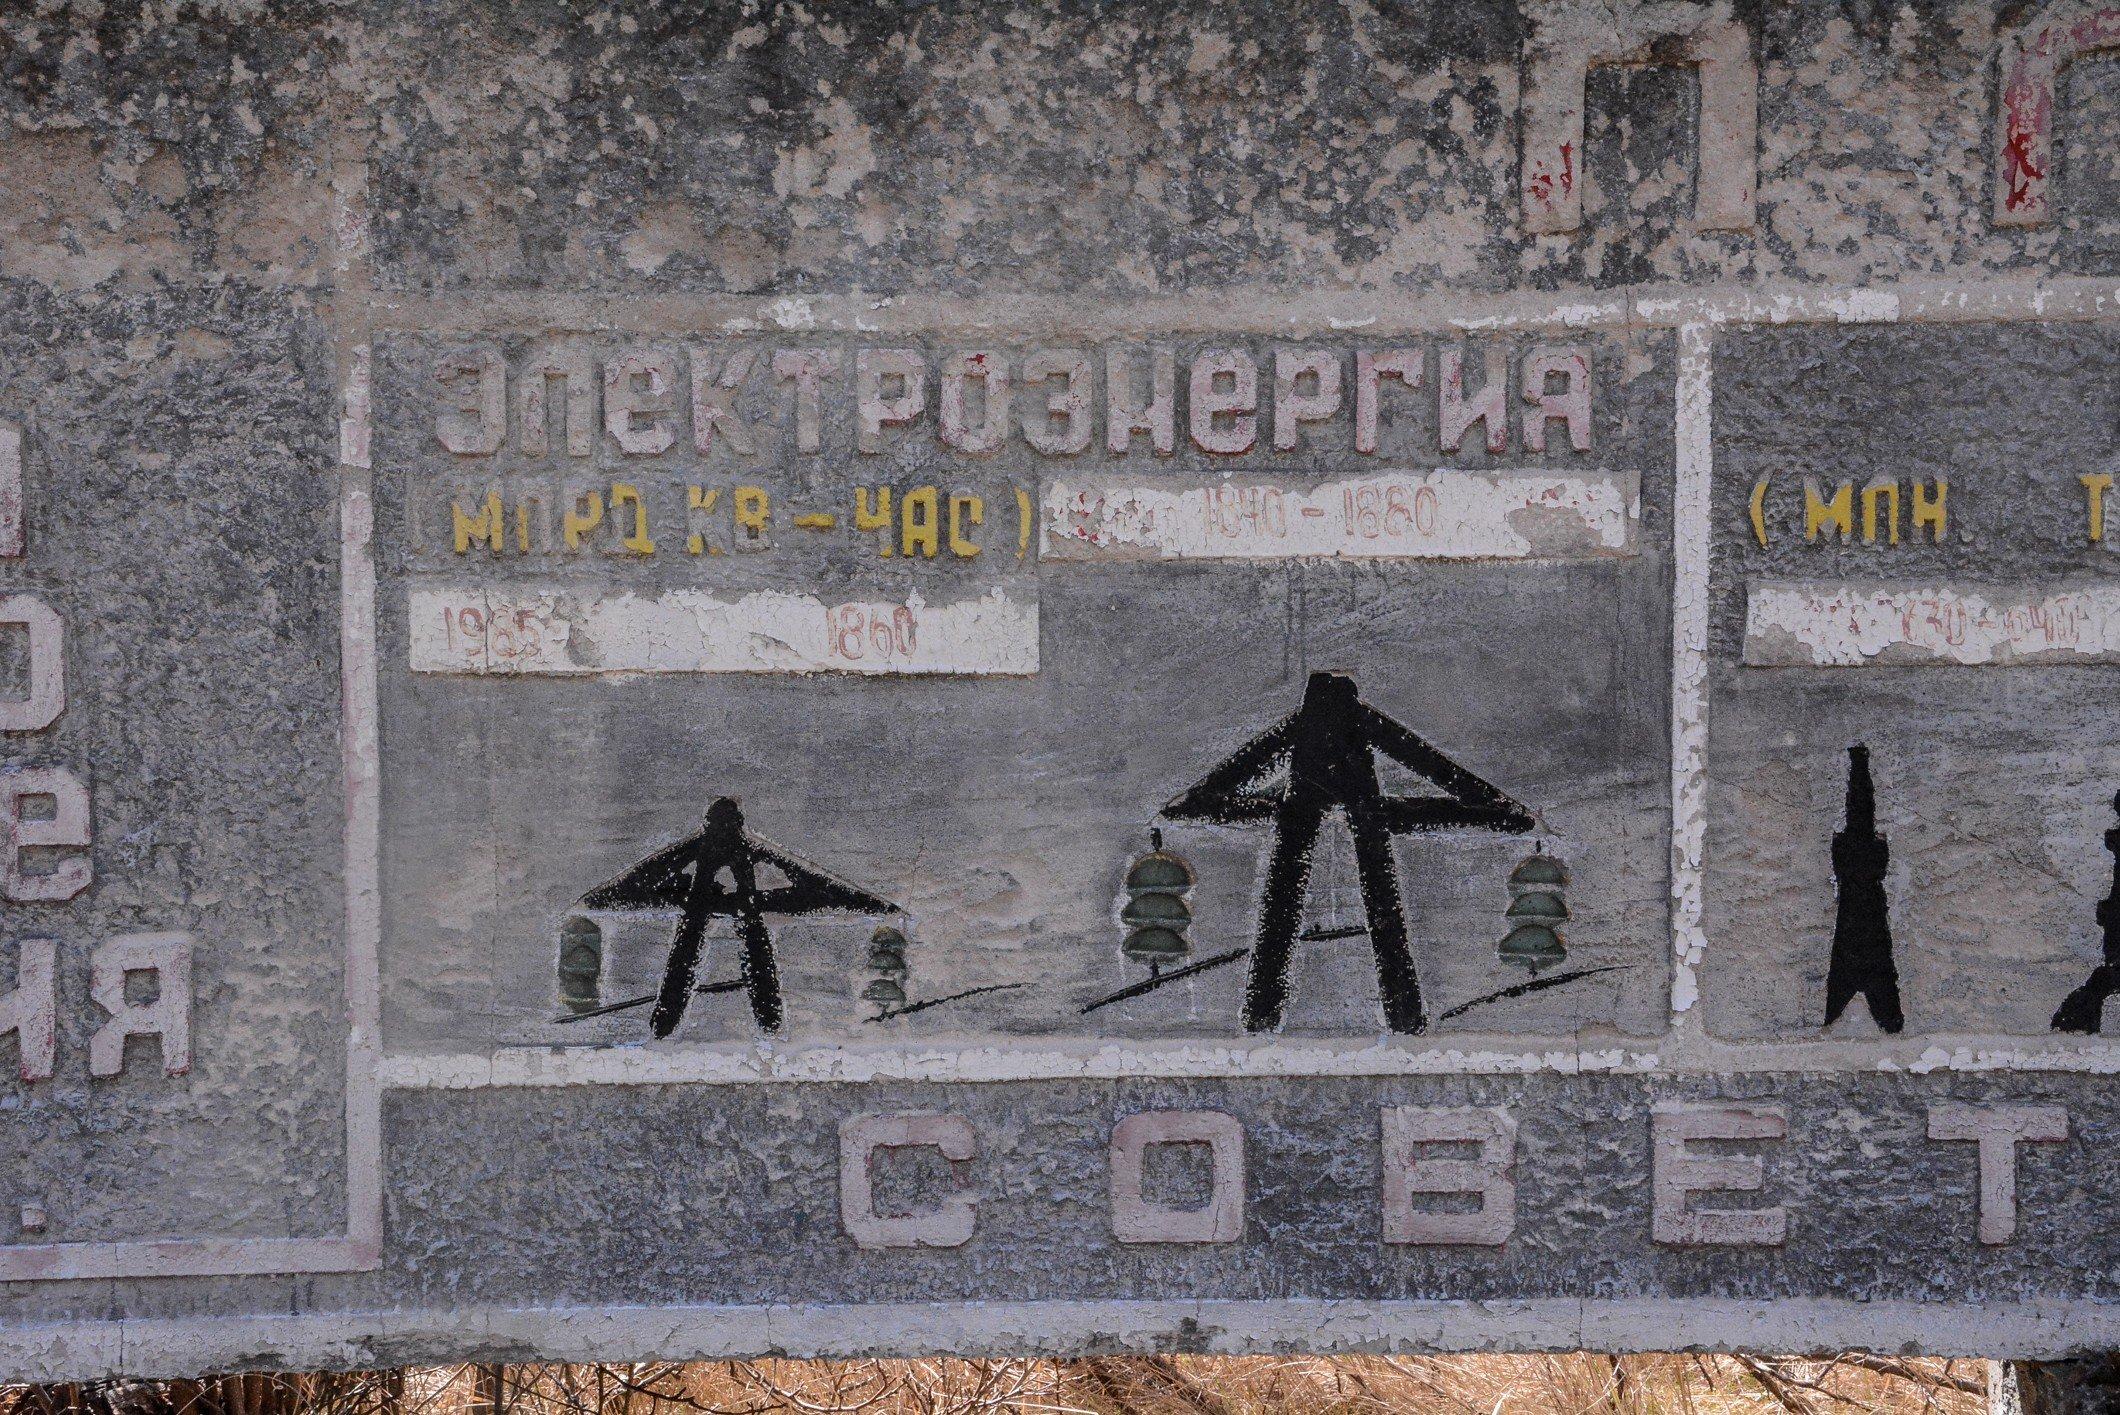 electricity production soviet union soviet war memorial sowjetisches ehrenmal fürstenberg drögen brandenburg deutschland lost places urbex abandoned